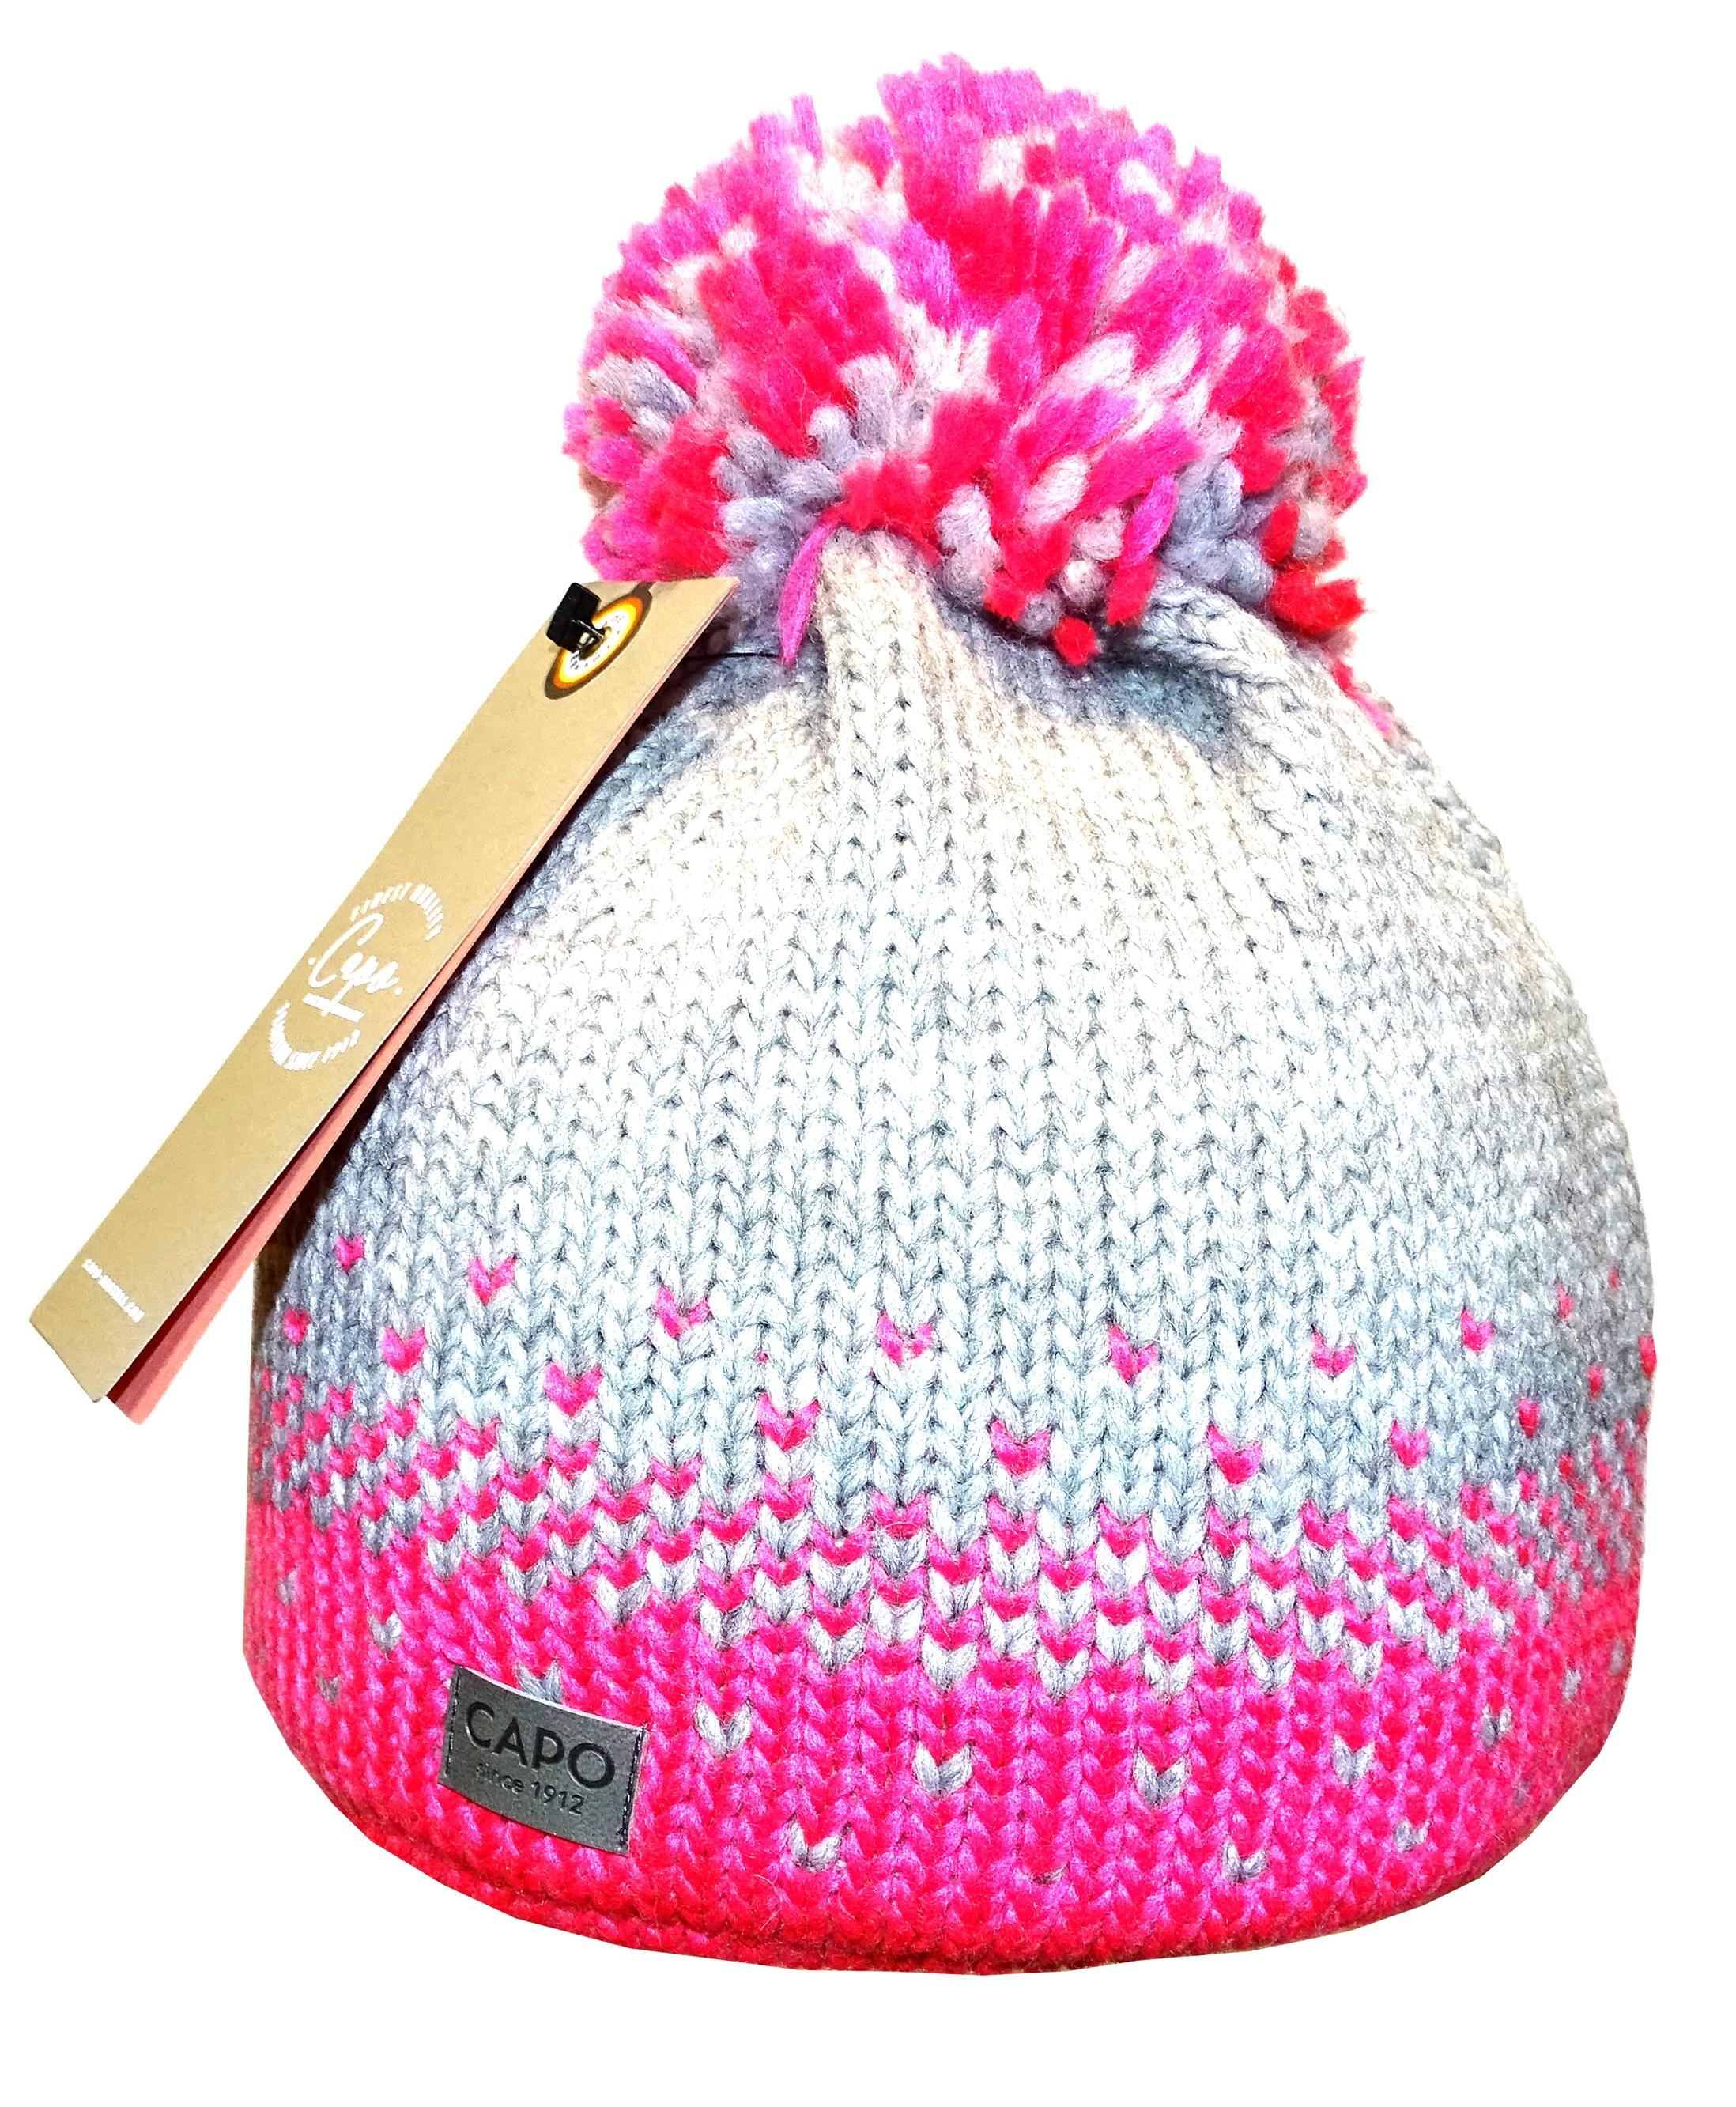 37ede0c7574 Gorro de Lana Capo Winter Grey   Pink - Armería Trelles S.L.